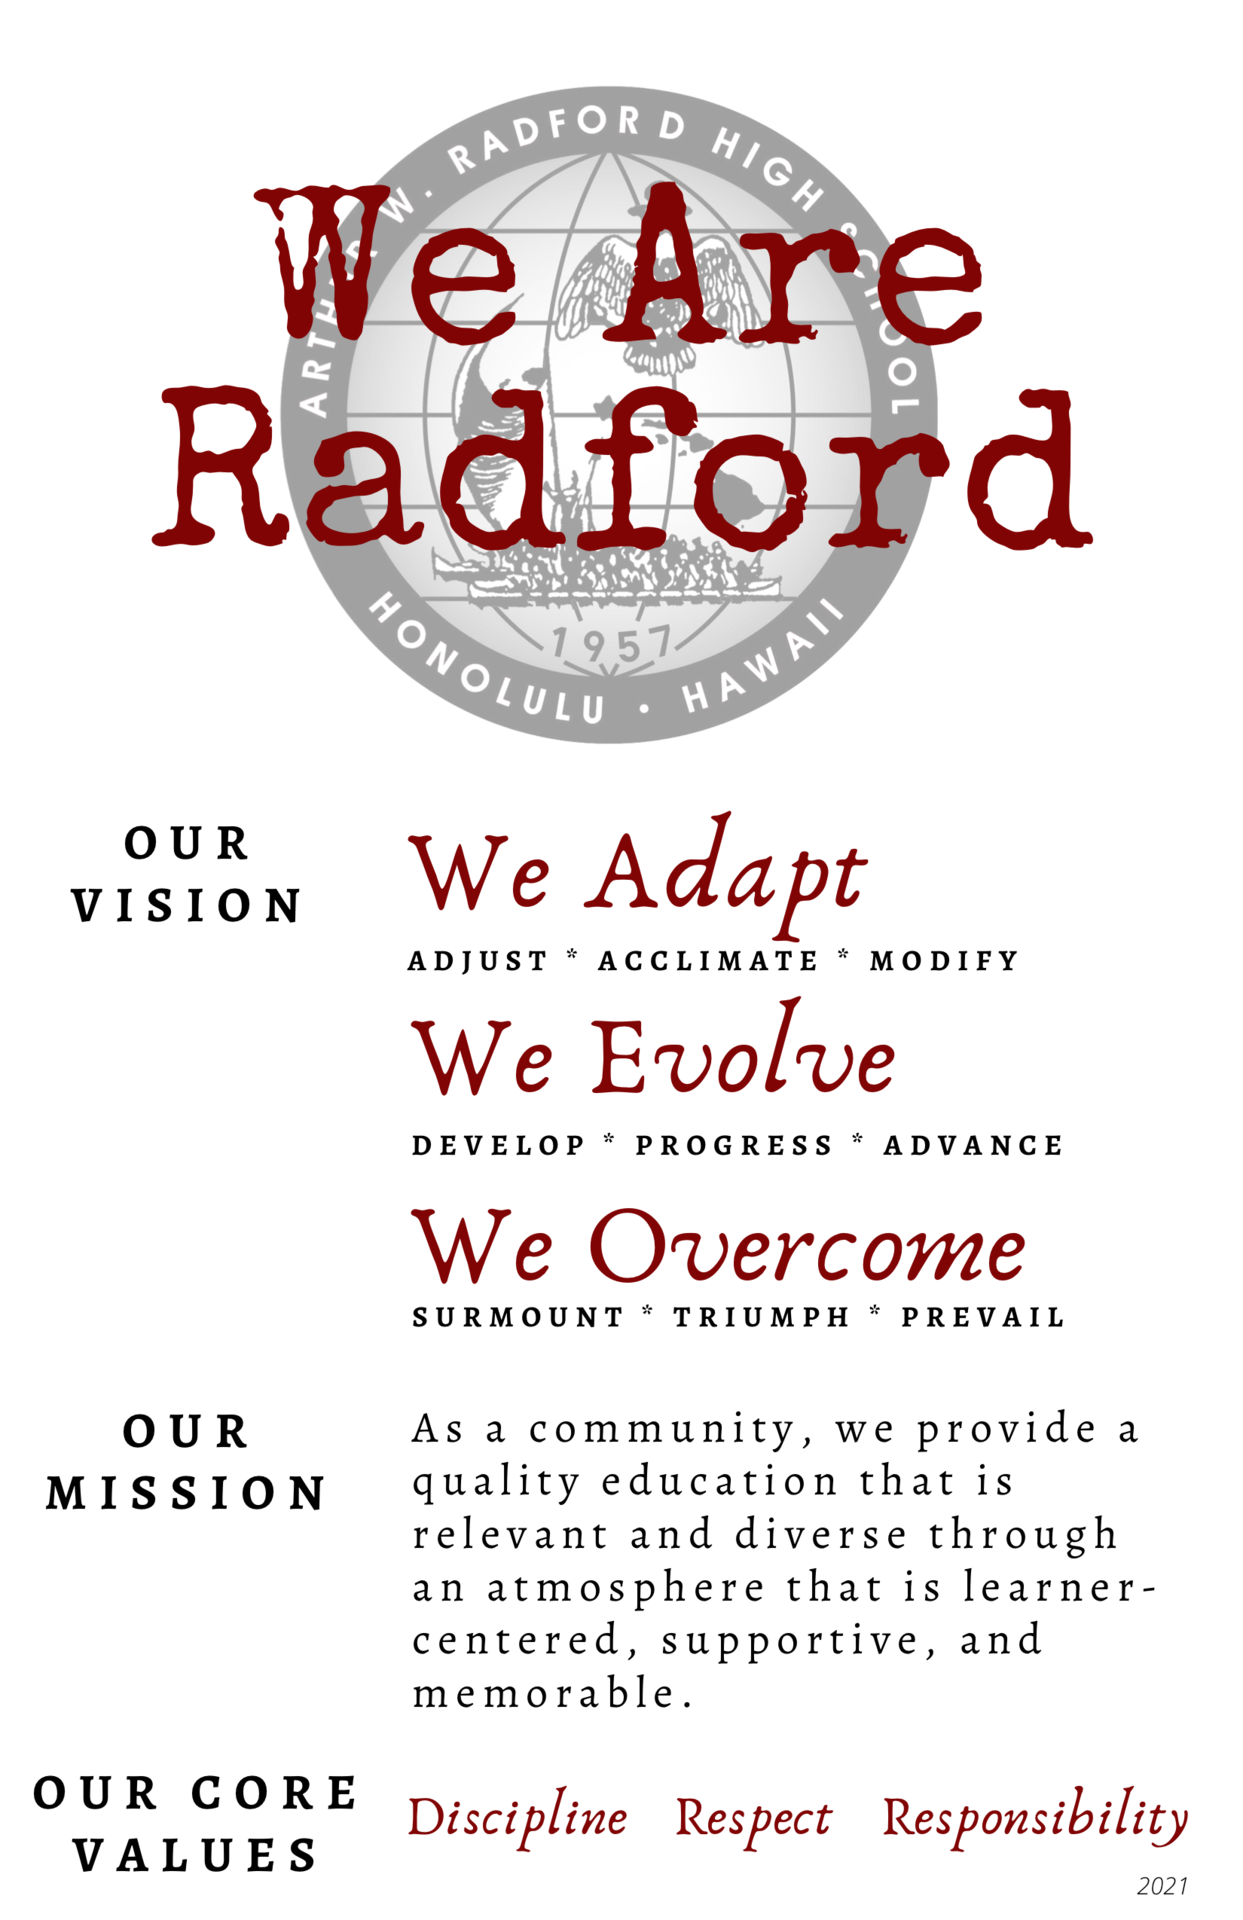 vision, mission, core values